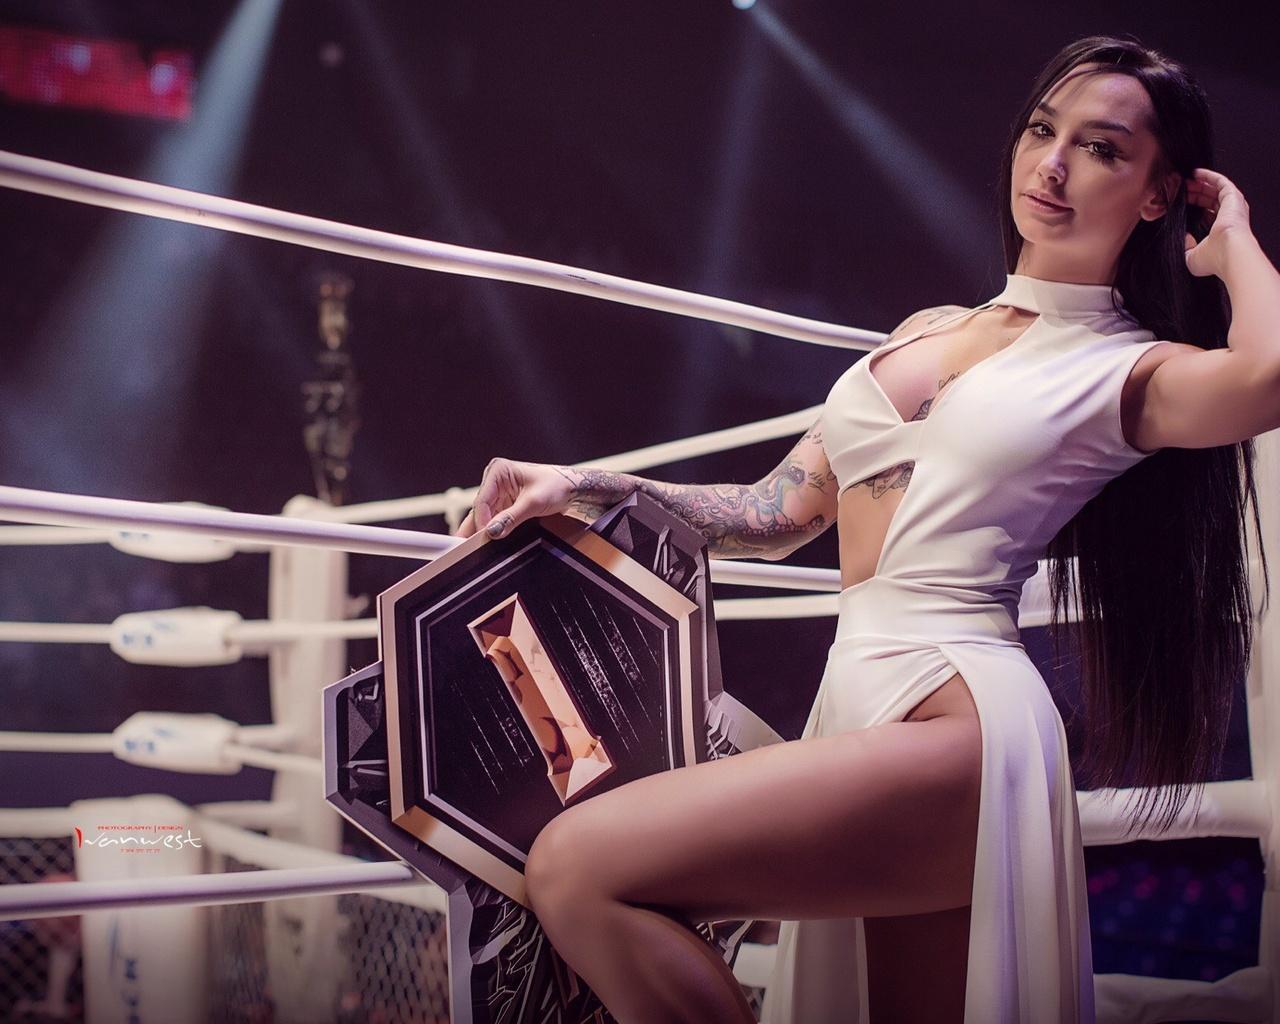 иван прохоренко, проф фото